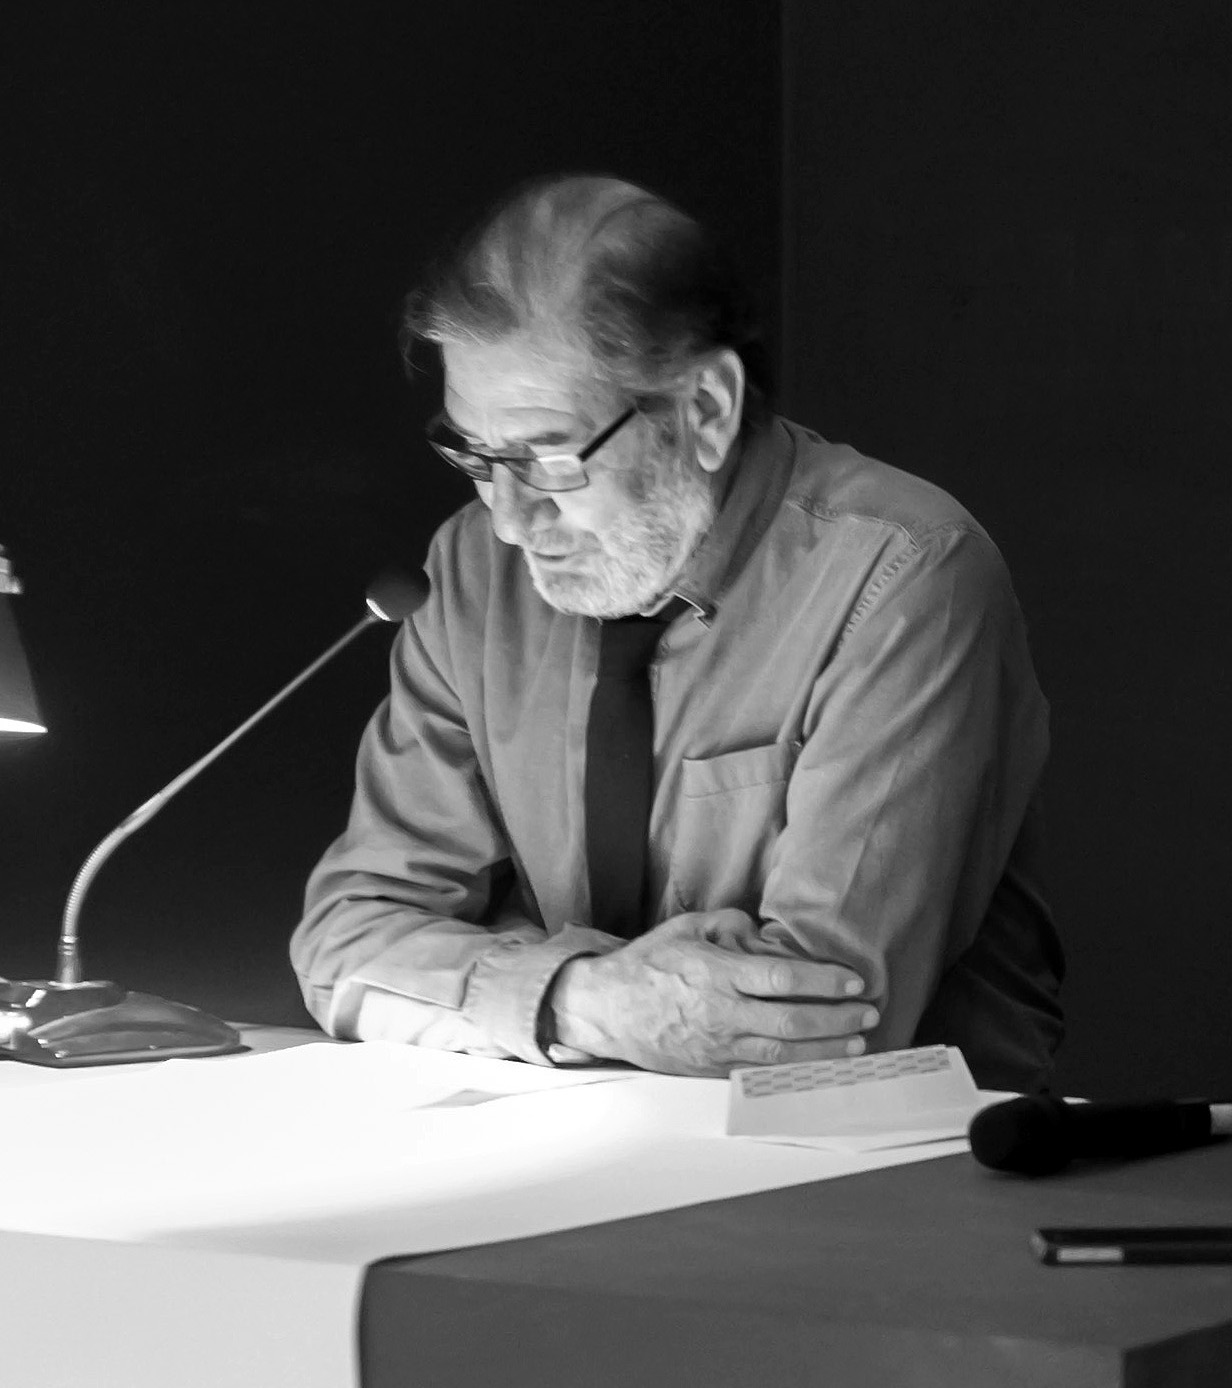 Arturo Catalá Benet